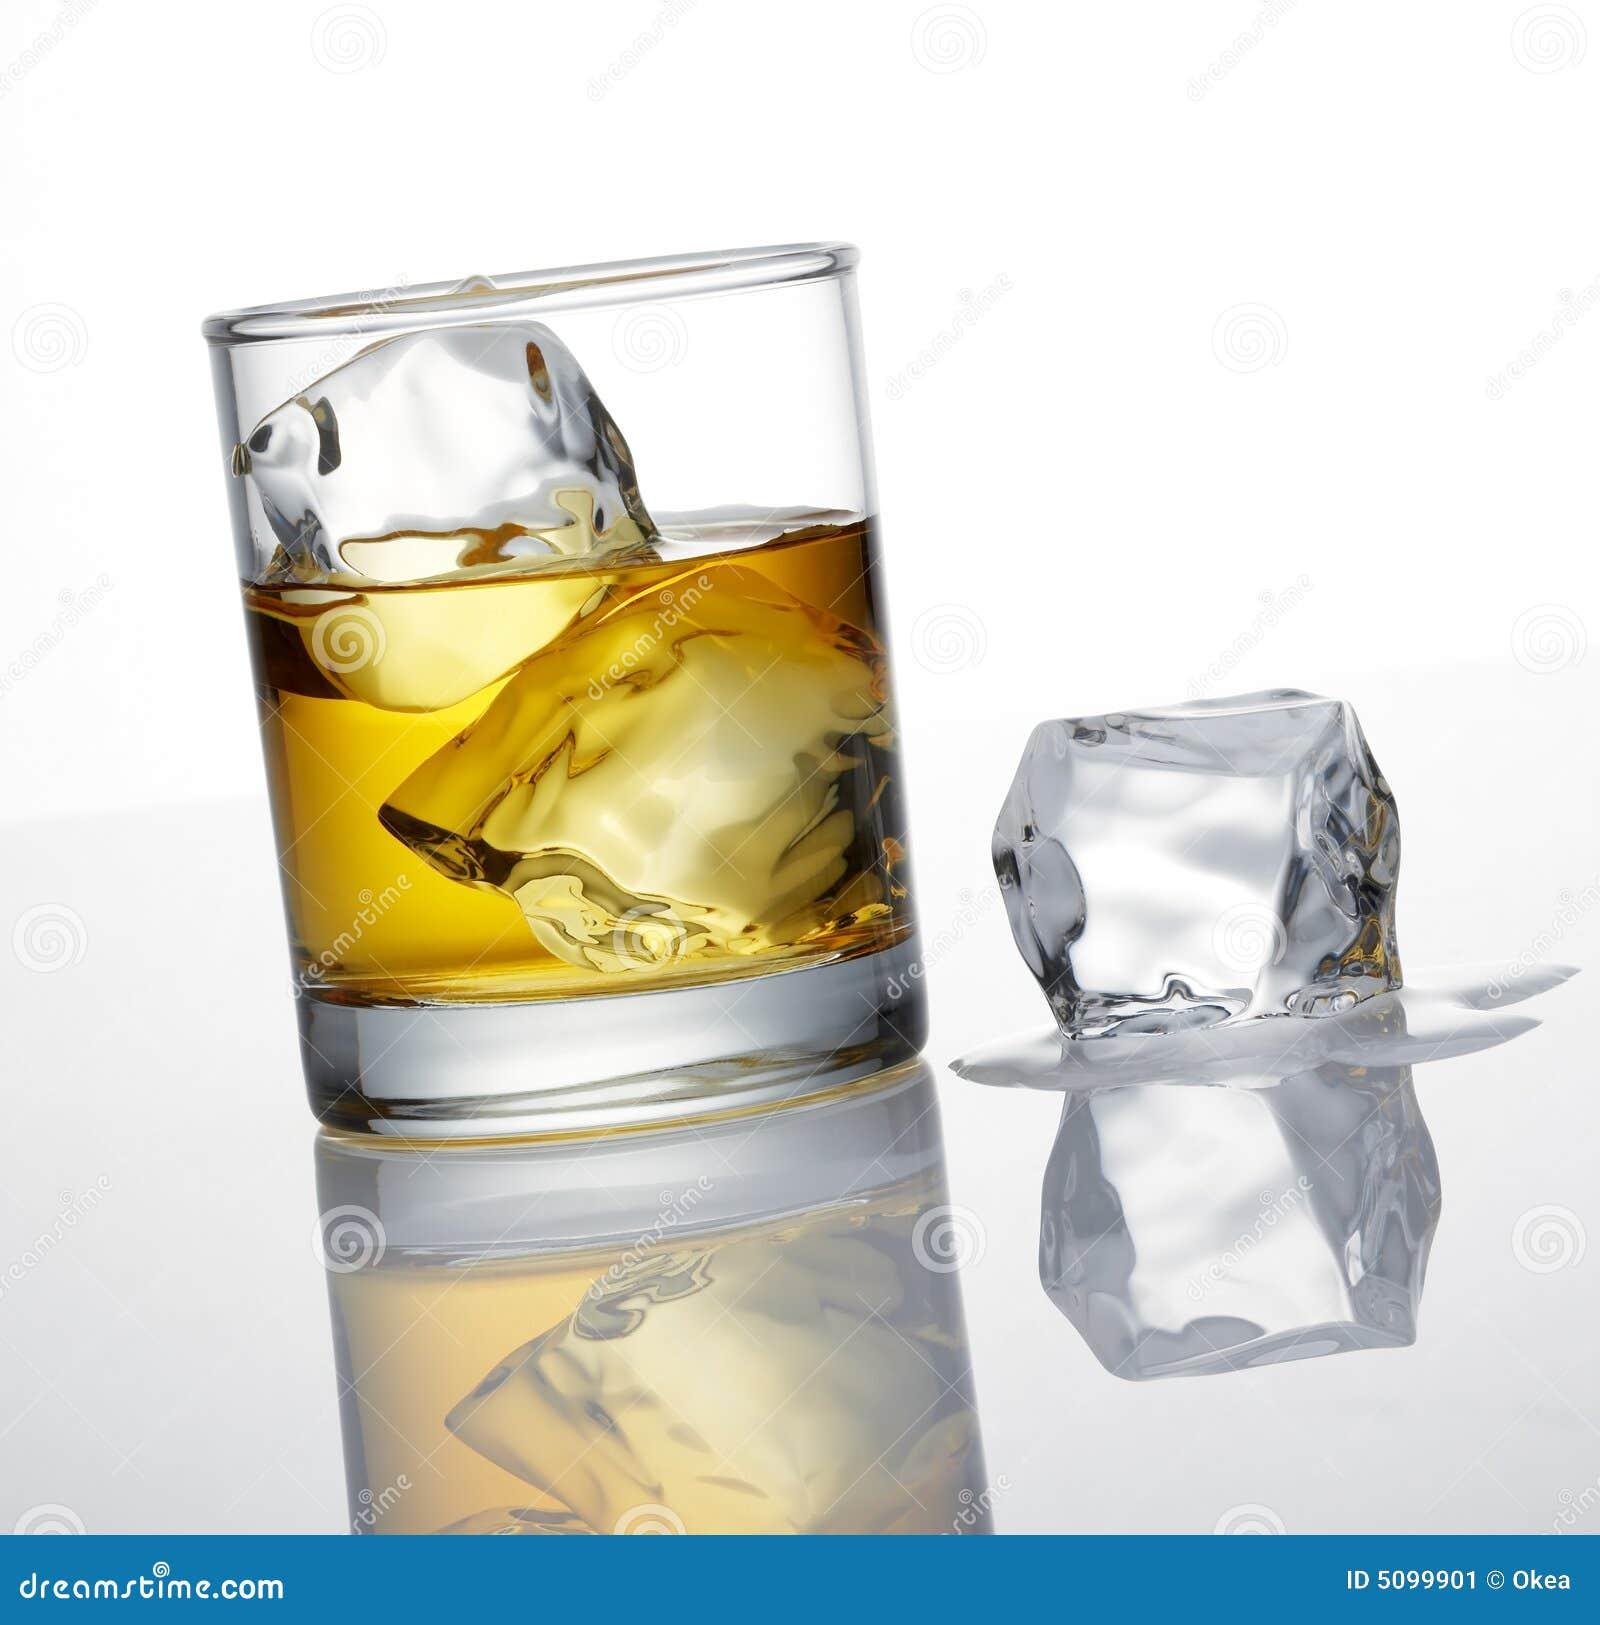 Kubiswhisky